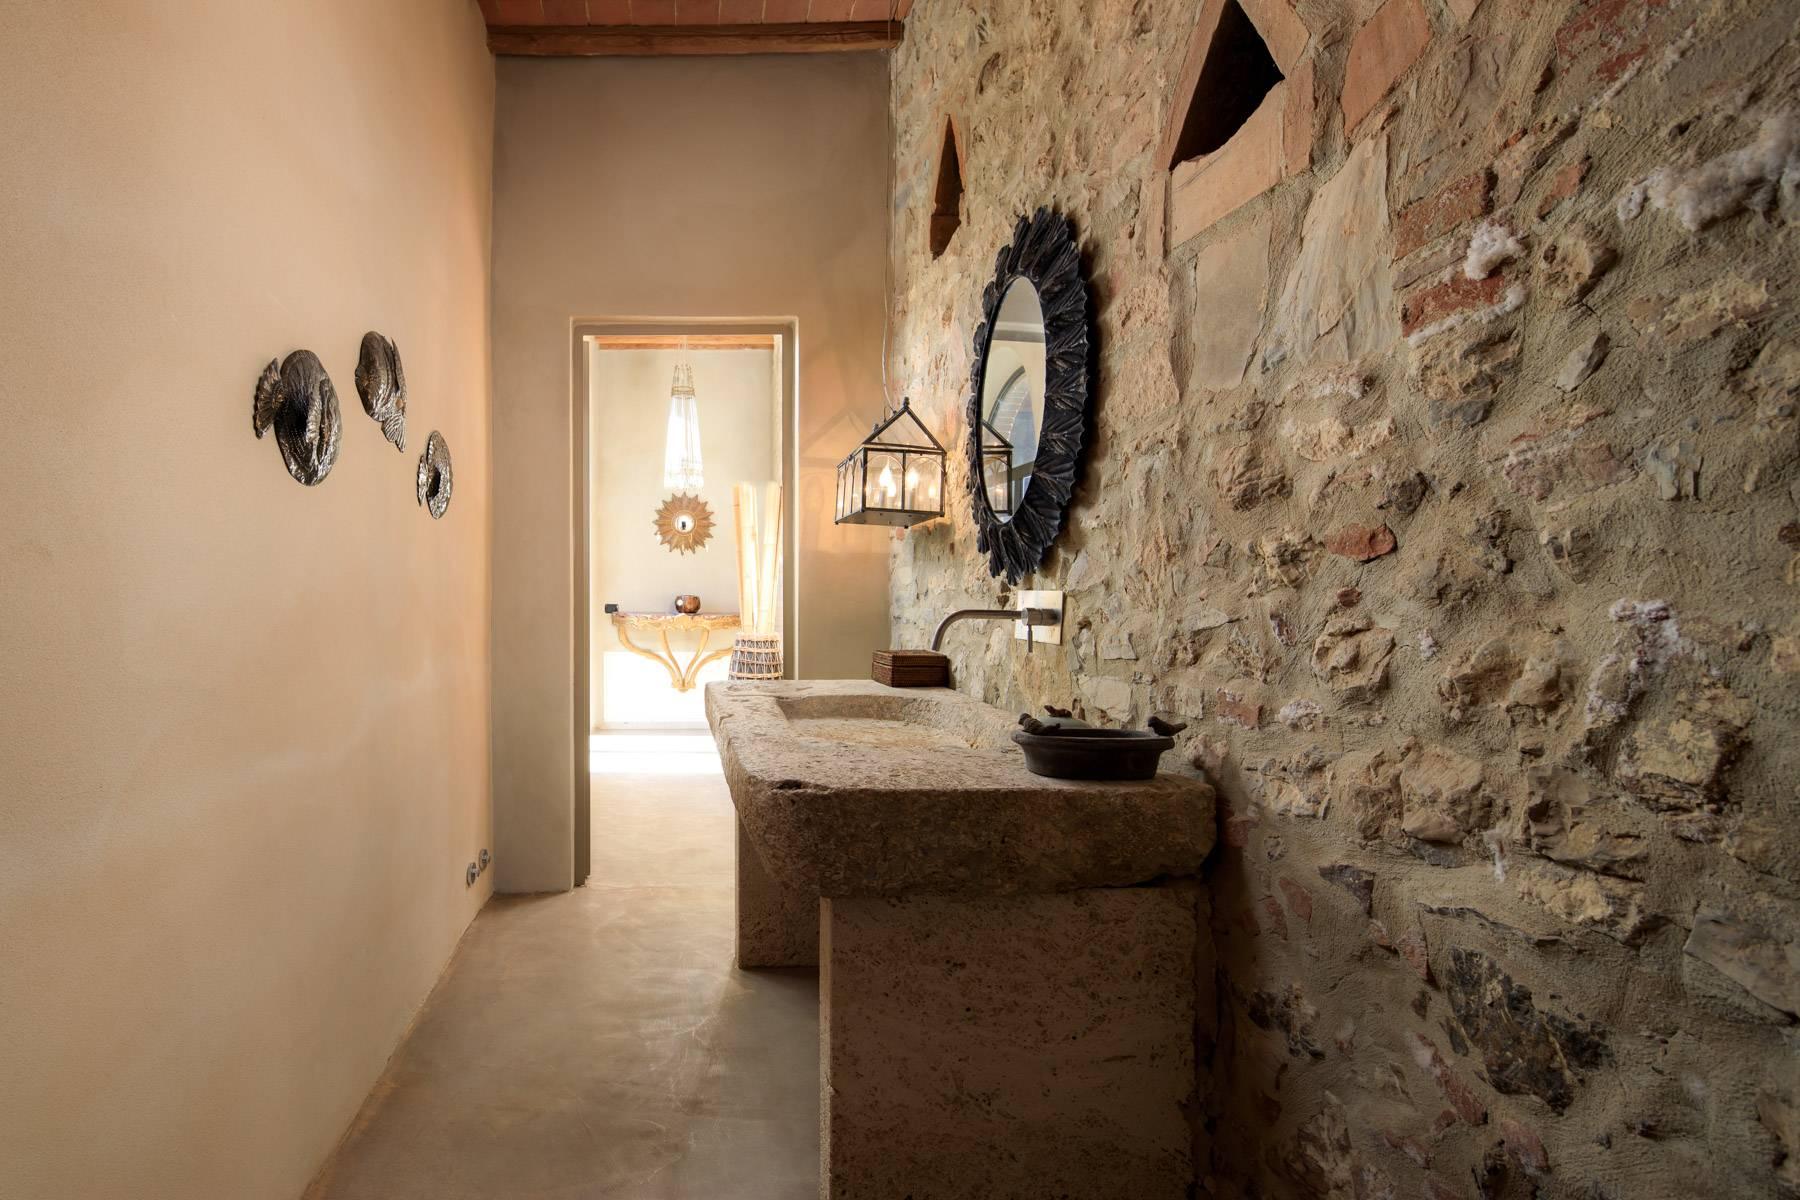 Rustico in Vendita a Castiglione D'Orcia: 5 locali, 716 mq - Foto 17